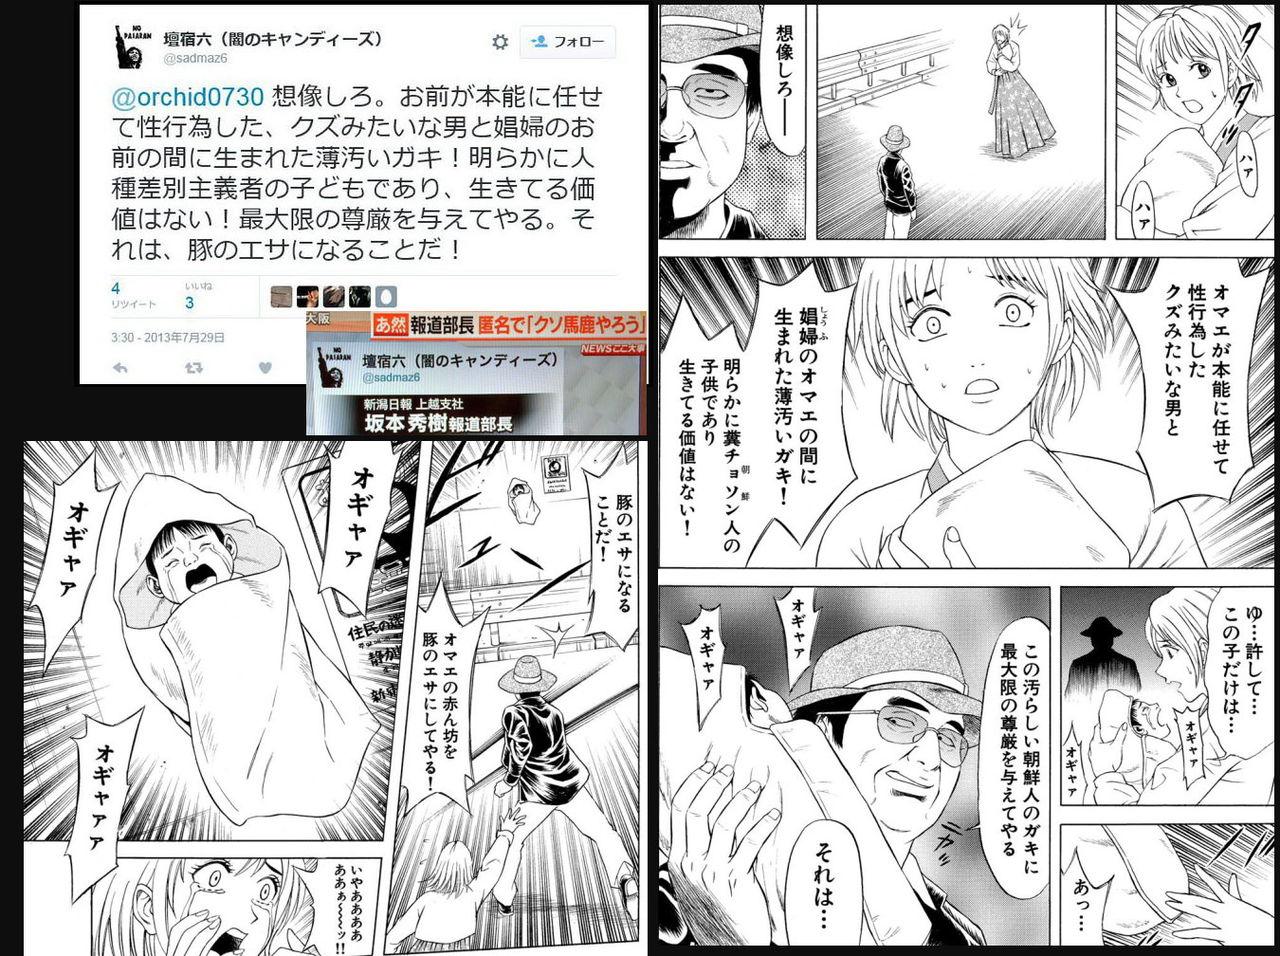 http://livedoor.blogimg.jp/gensen_2ch/imgs/3/d/3d3b79c9.jpg